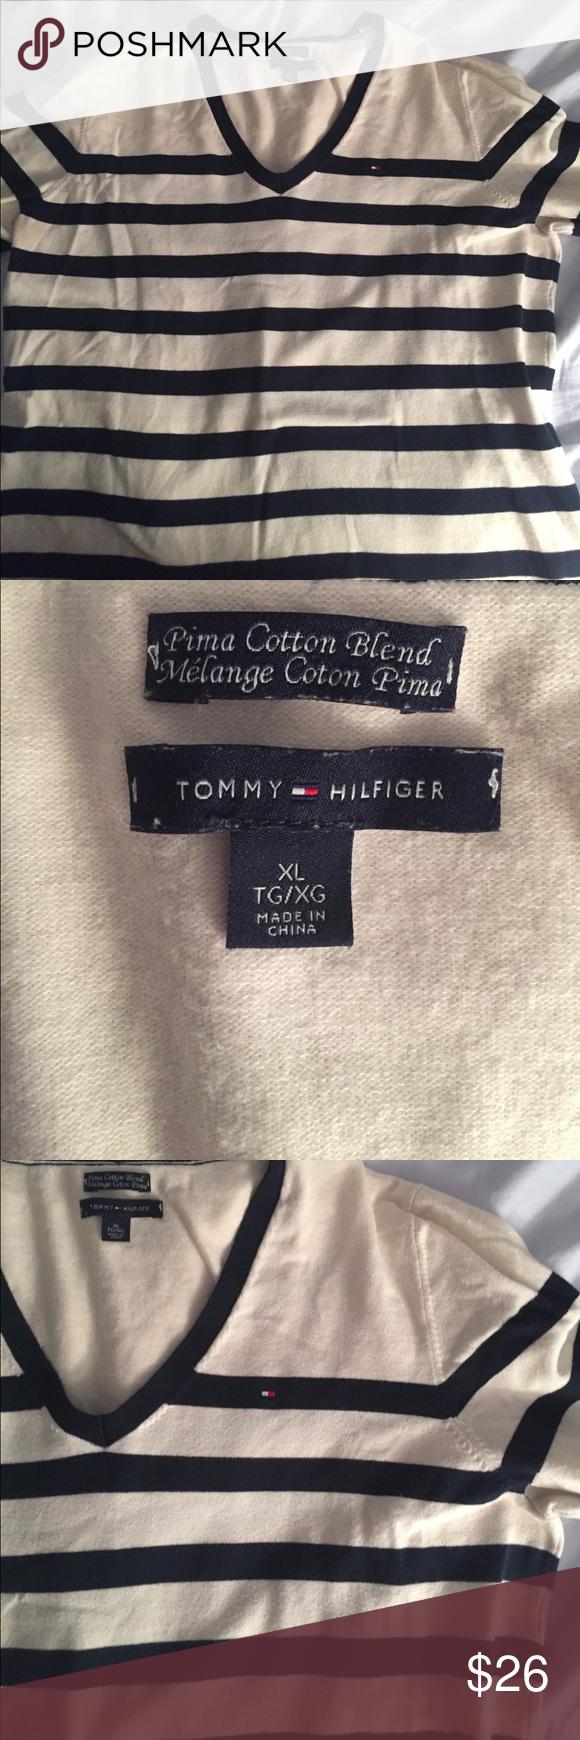 V-neck Tommy Hilfiger sweater/top Super soft, and perfect for fall! Tommy Hilfiger Sweaters V-Necks